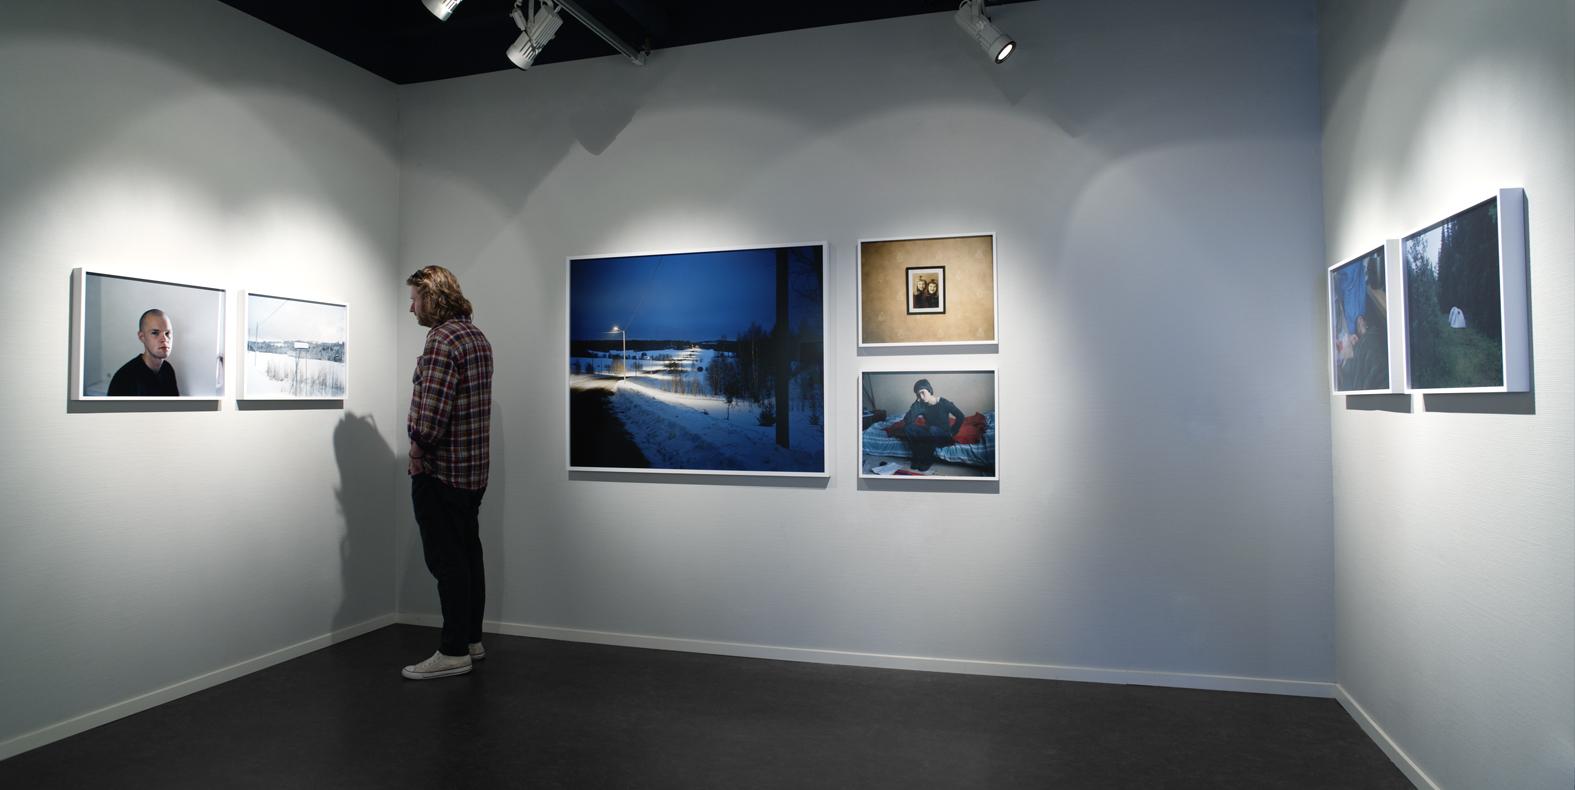 Landskrona fotofestival, 2013